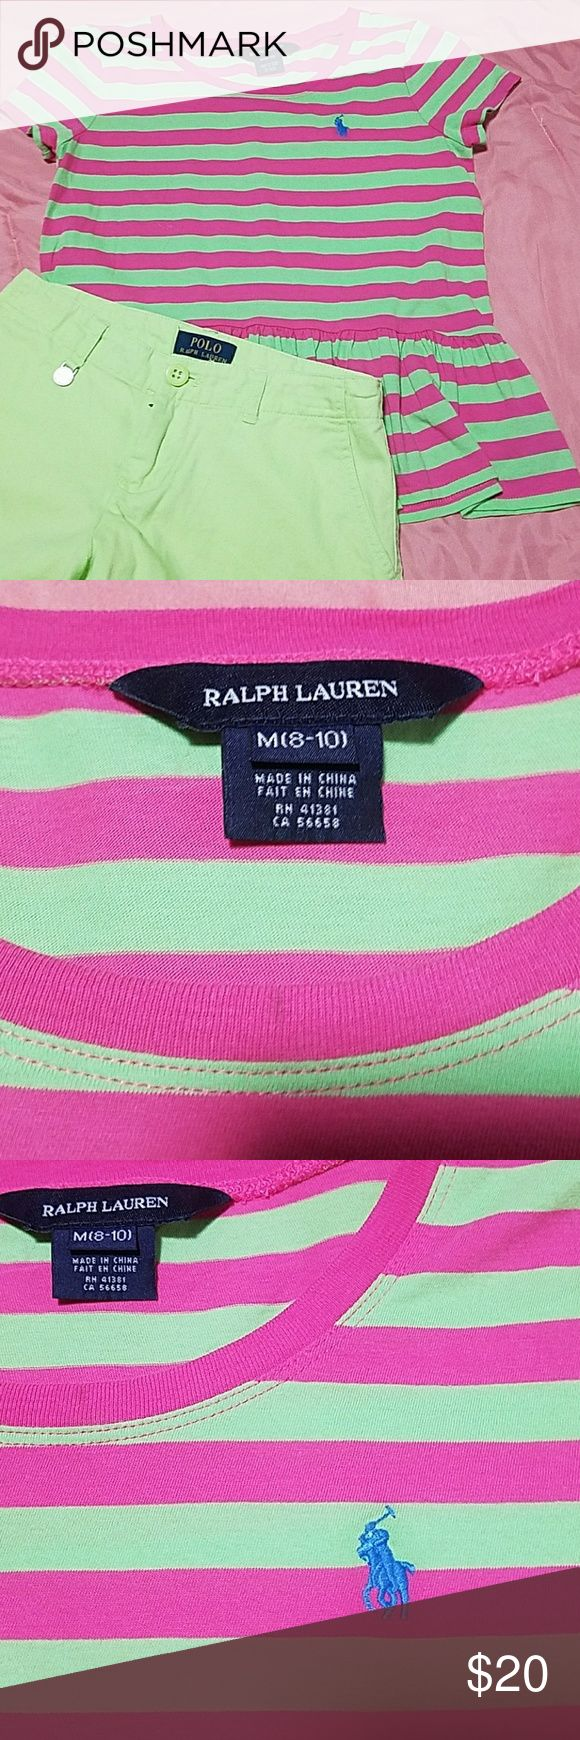 Set Ralph Lauren shirt & shorts size medium Cute green/pink striped baby doll shirt. Ralph Lauren size medium 8-10.  Lime green shorts size 10. Ralph Lauren. Ralph Lauren Matching Sets